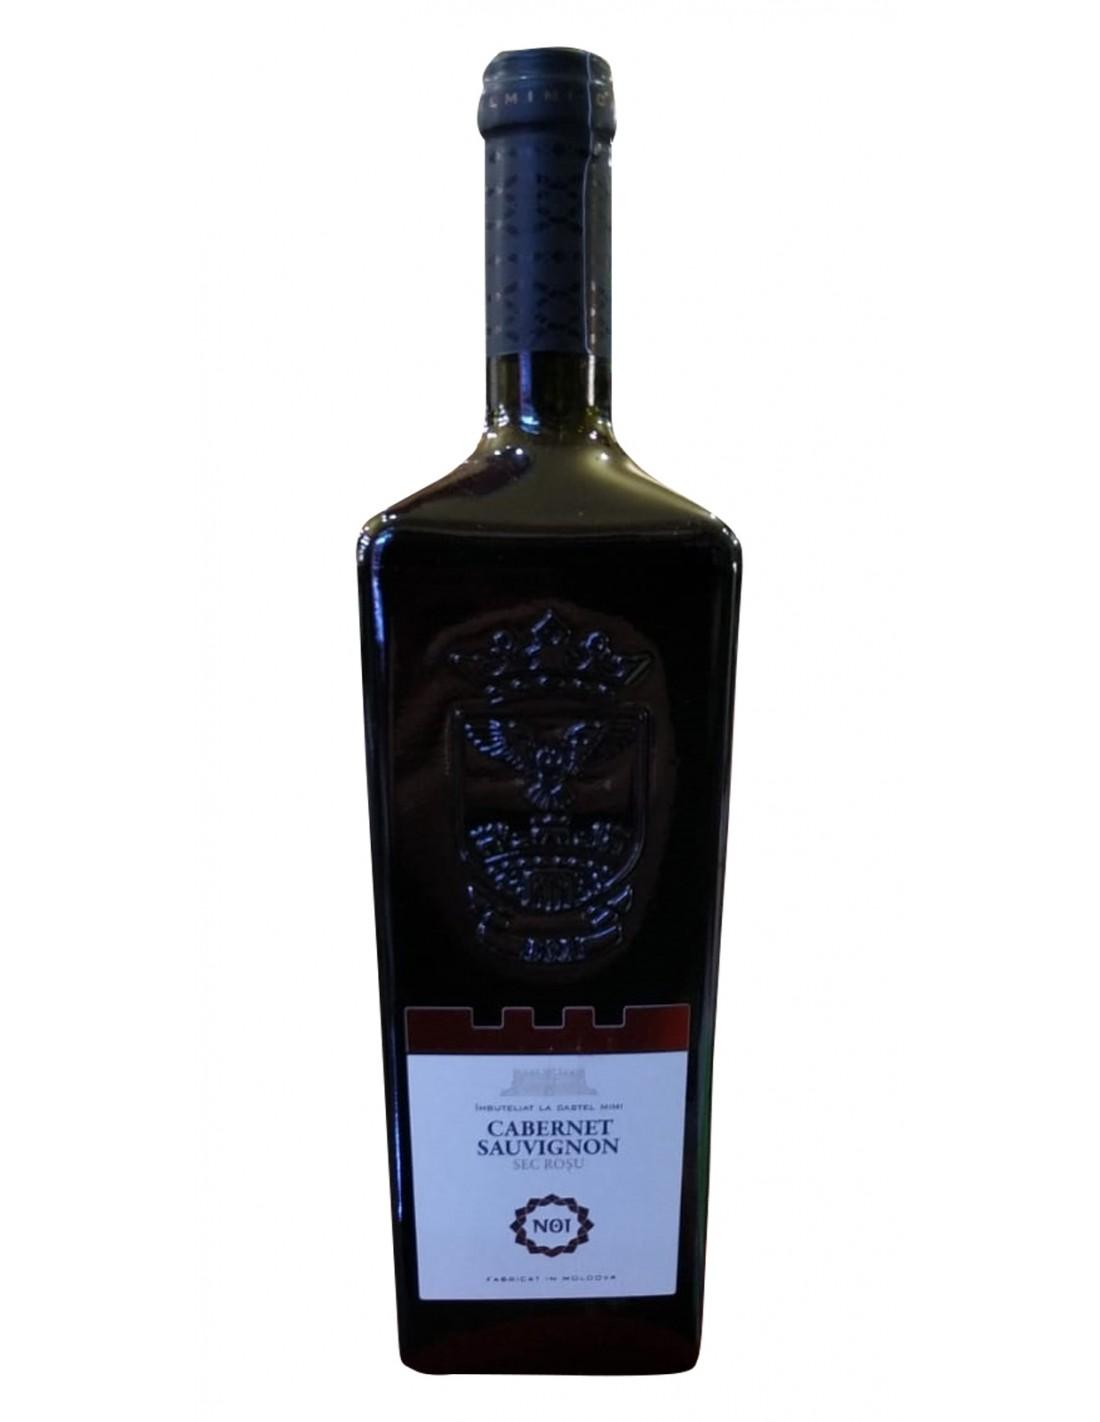 Vin rosu sec, Cabernet Sauvignon, Noi, 0.75L, 14% alc., Republica Moldova